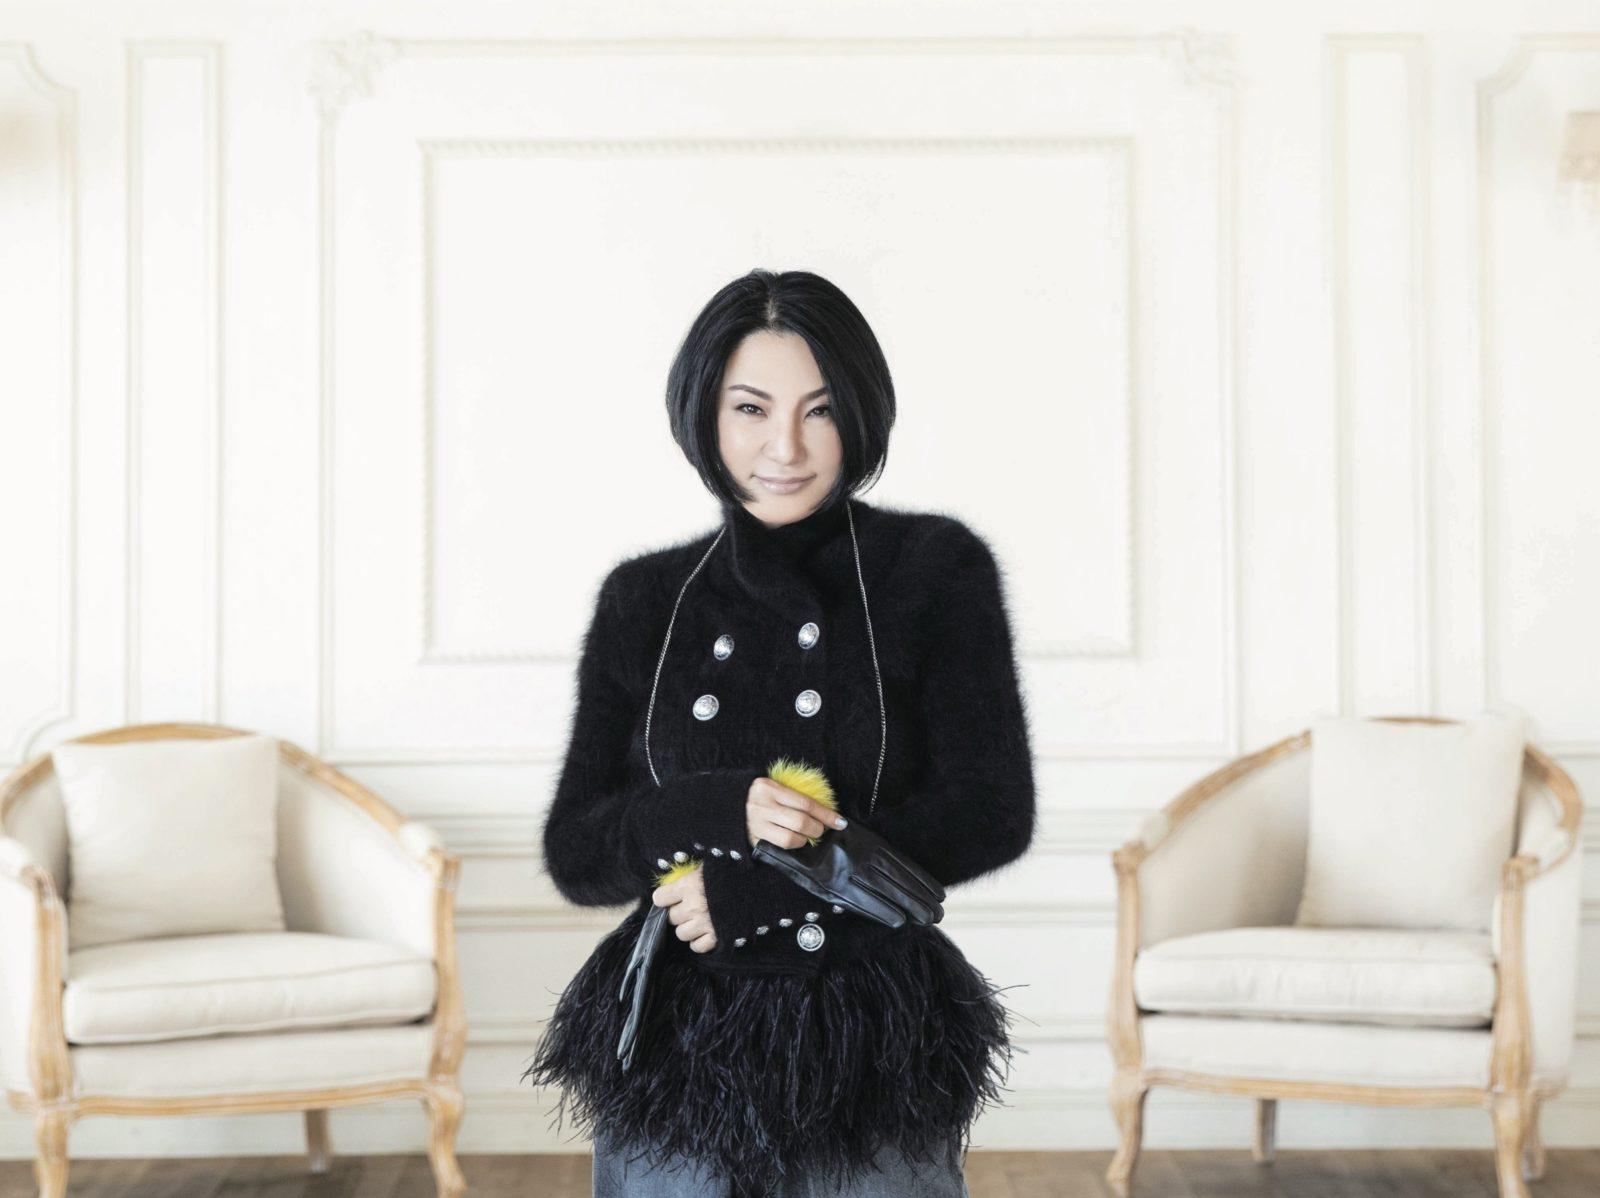 広瀬香美「生配信ライブで、歌ってみた」実施決定!視聴者リクエストにリアルタイムで応えるサムネイル画像